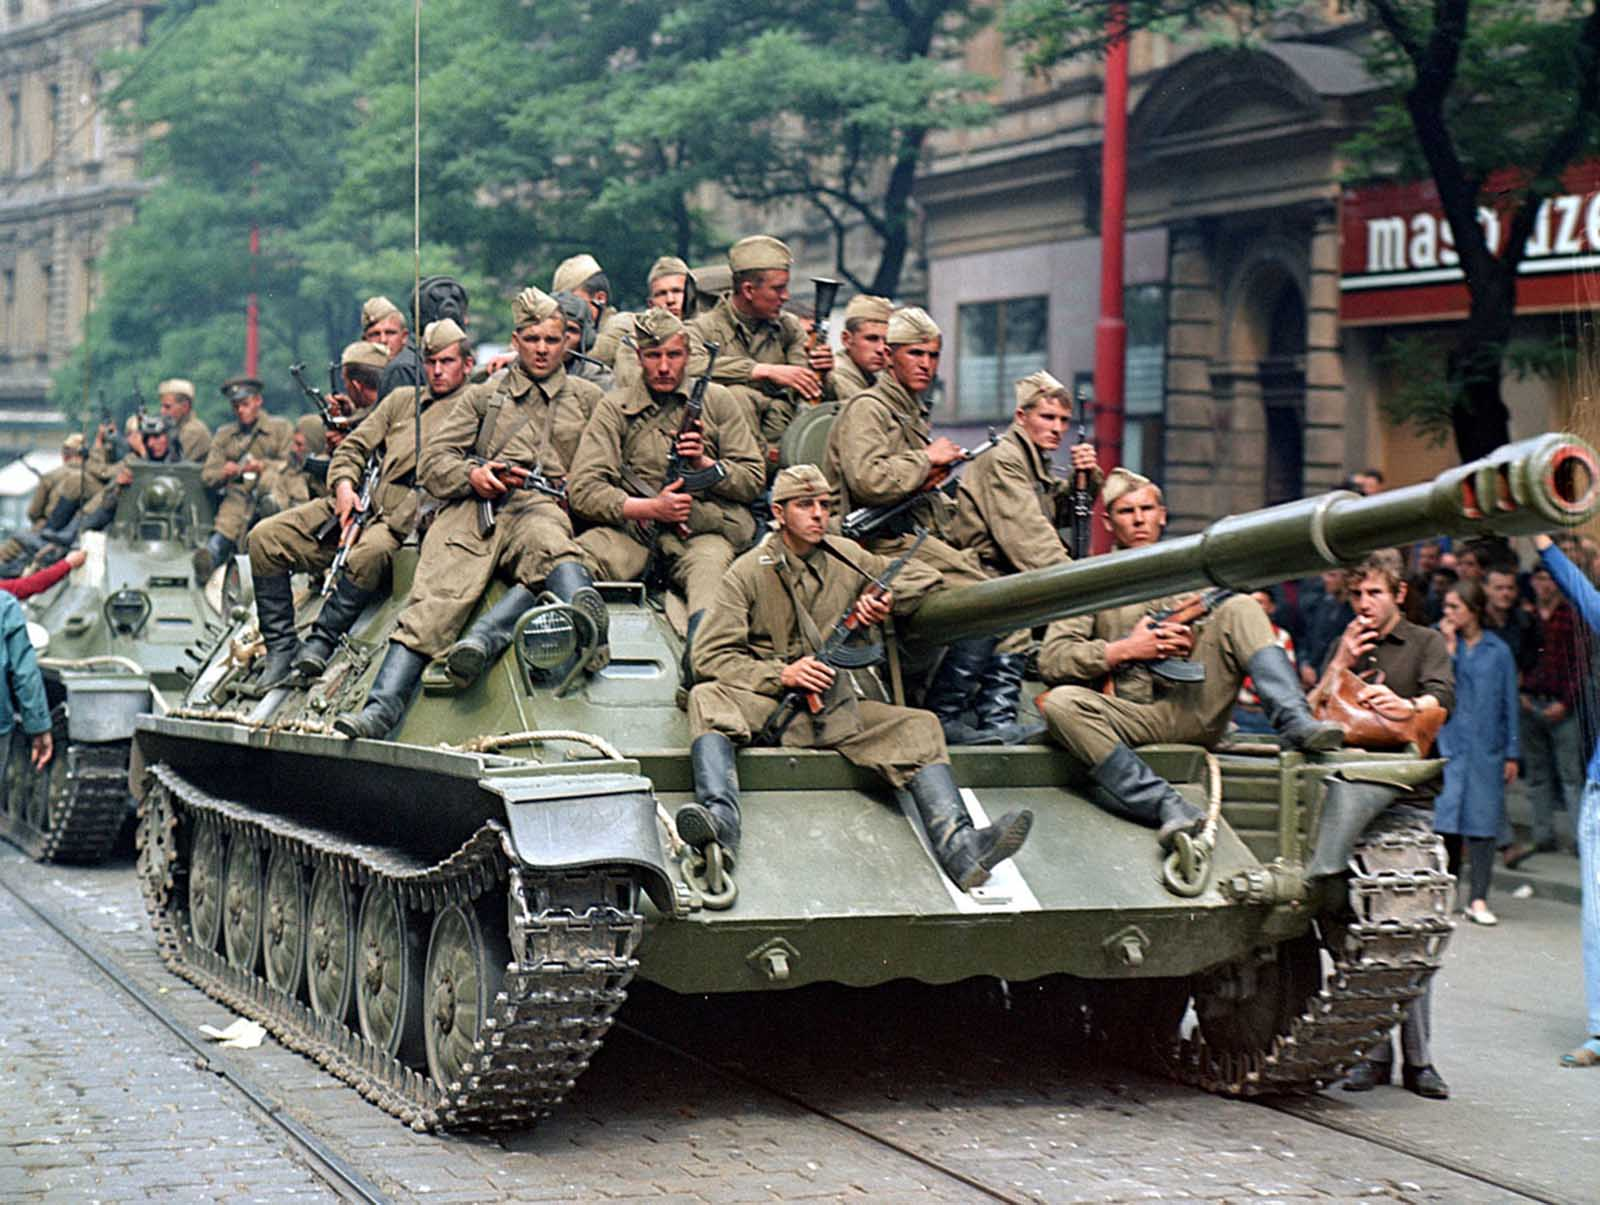 Los soldados del ejército soviético se sientan en sus tanques frente al edificio de la Radio Checoslovaca, en el centro de Praga, el 21 de agosto de 1968.